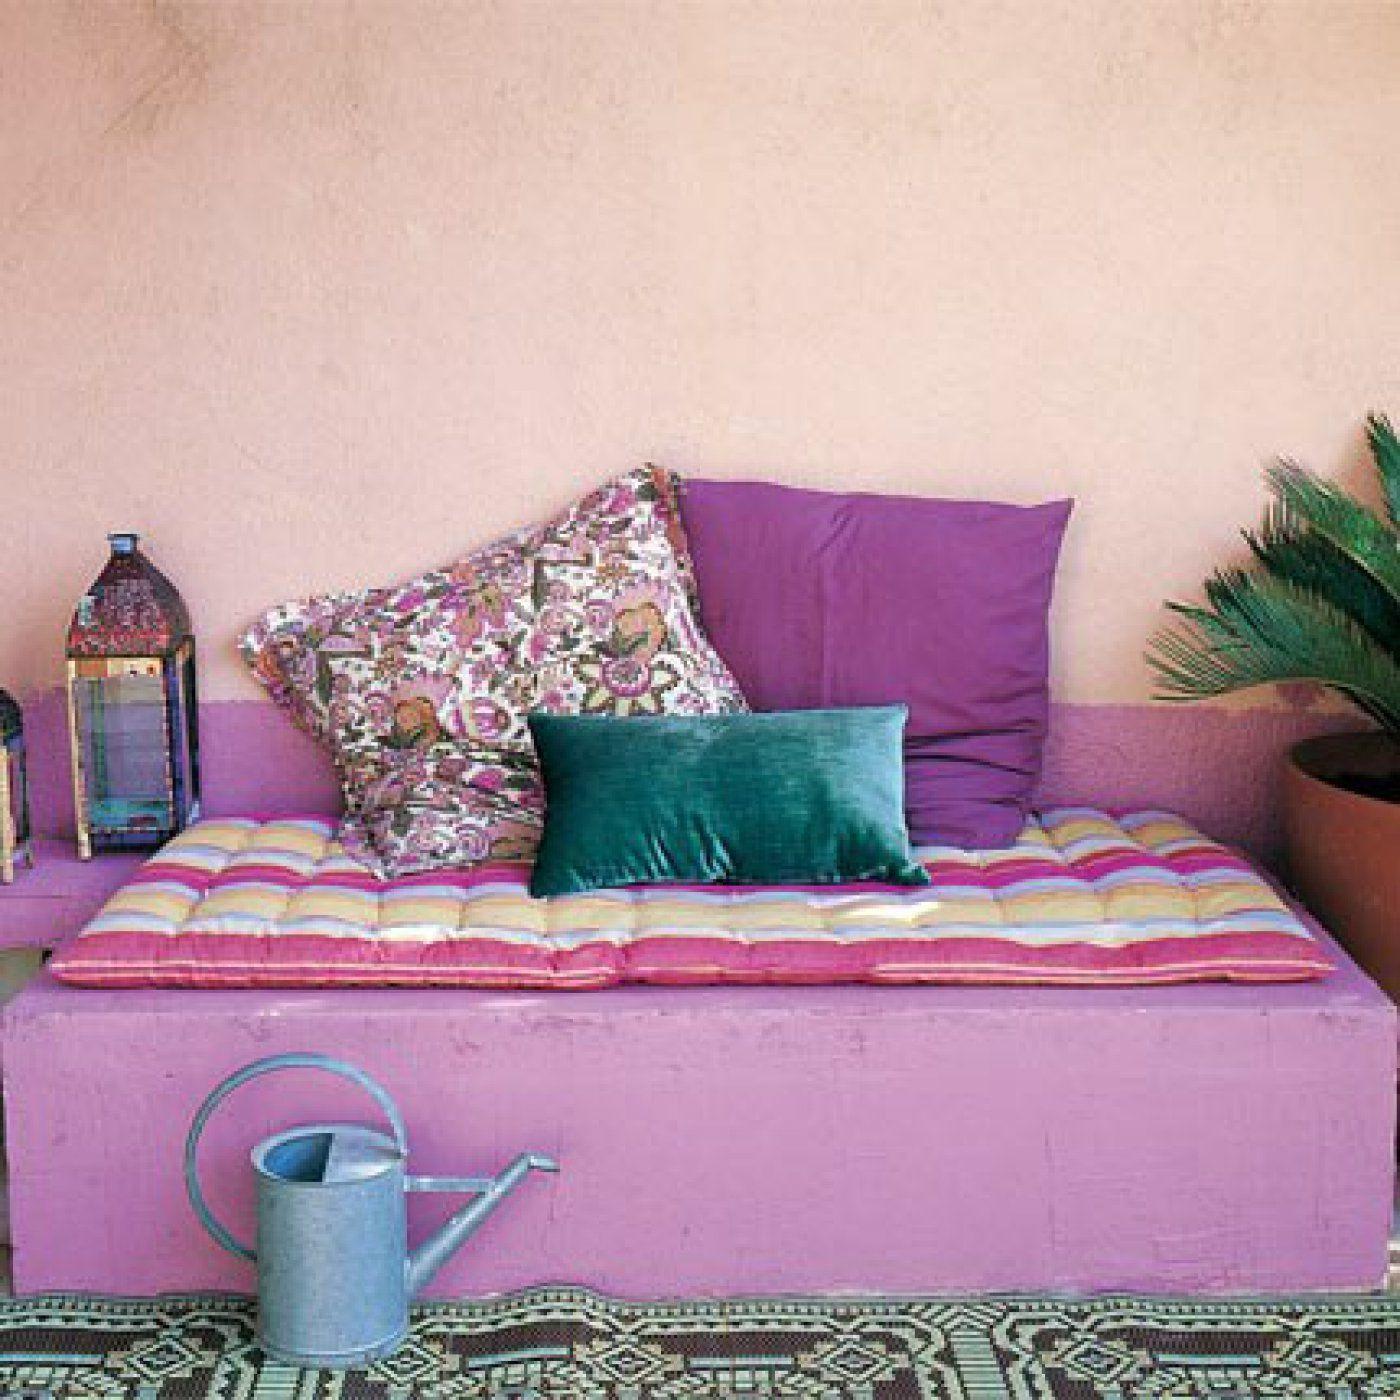 fabriquer une banquette en b ton cellulaire b ton cellulaire banquette et beton. Black Bedroom Furniture Sets. Home Design Ideas